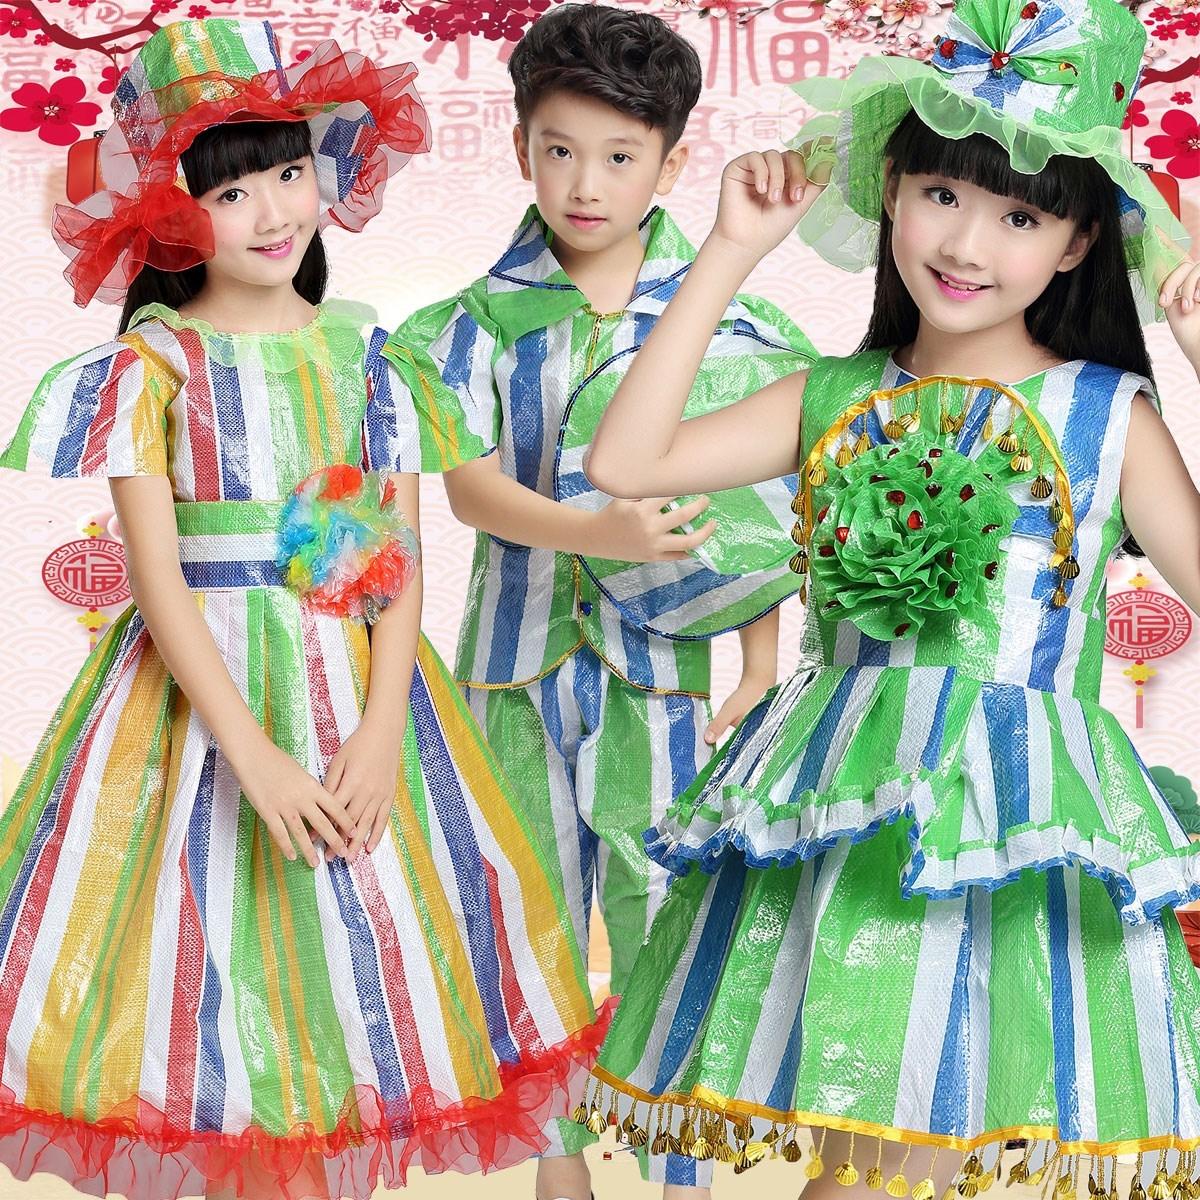 儿童演出服装塑料袋手工制作衣服时装废旧材料手工衣服幼儿园走秀